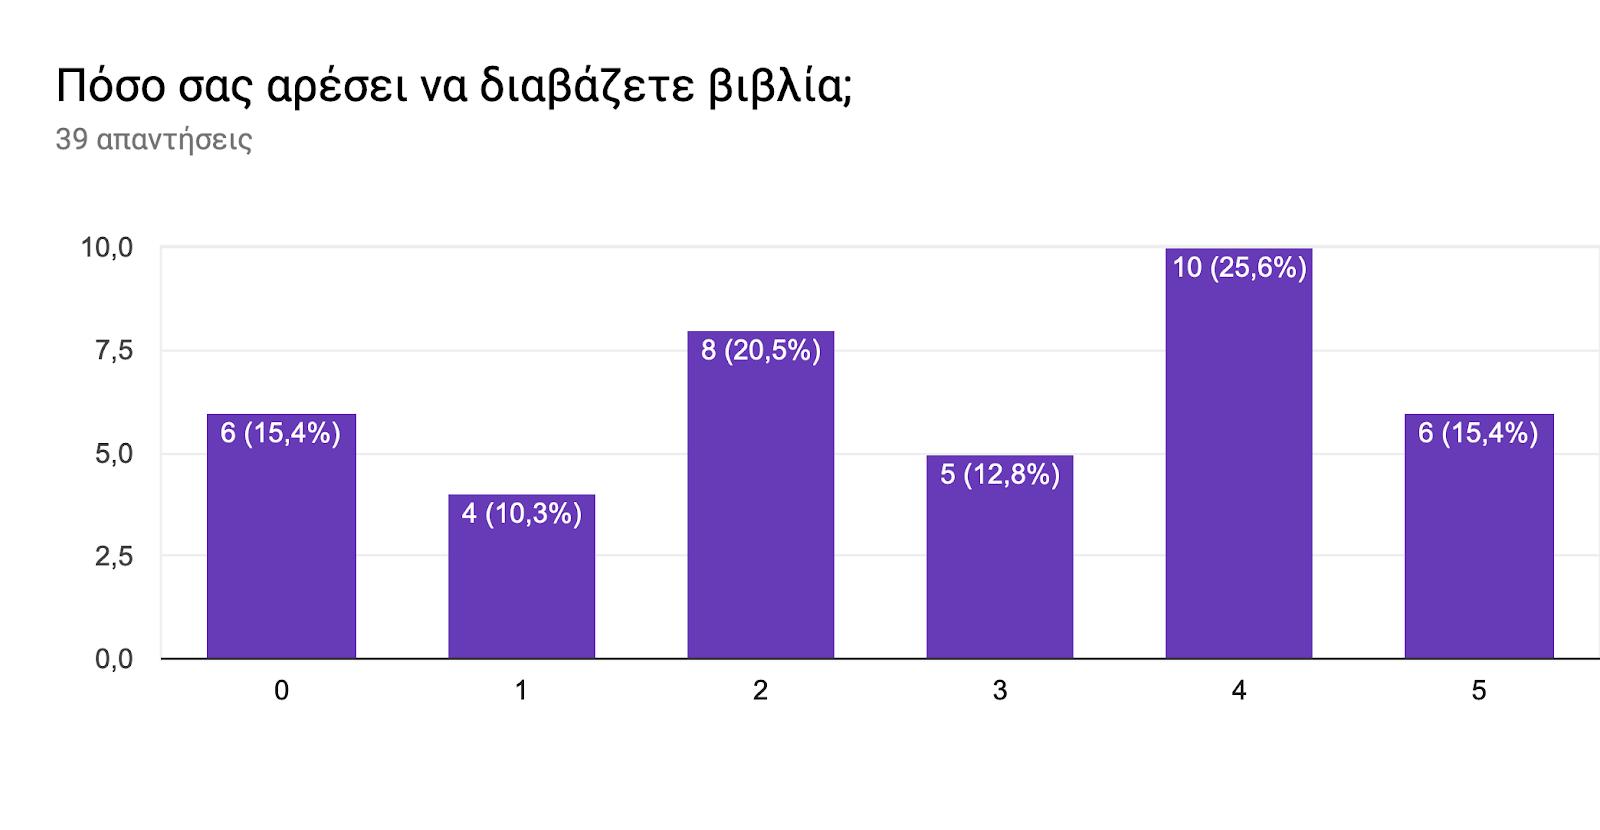 Γράφημα απάντησης φορμών. Τίτλος ερωτήματος: Πόσο σας αρέσει να διαβάζετε βιβλία;. Αριθμός απαντήσεων: 39 απαντήσεις.